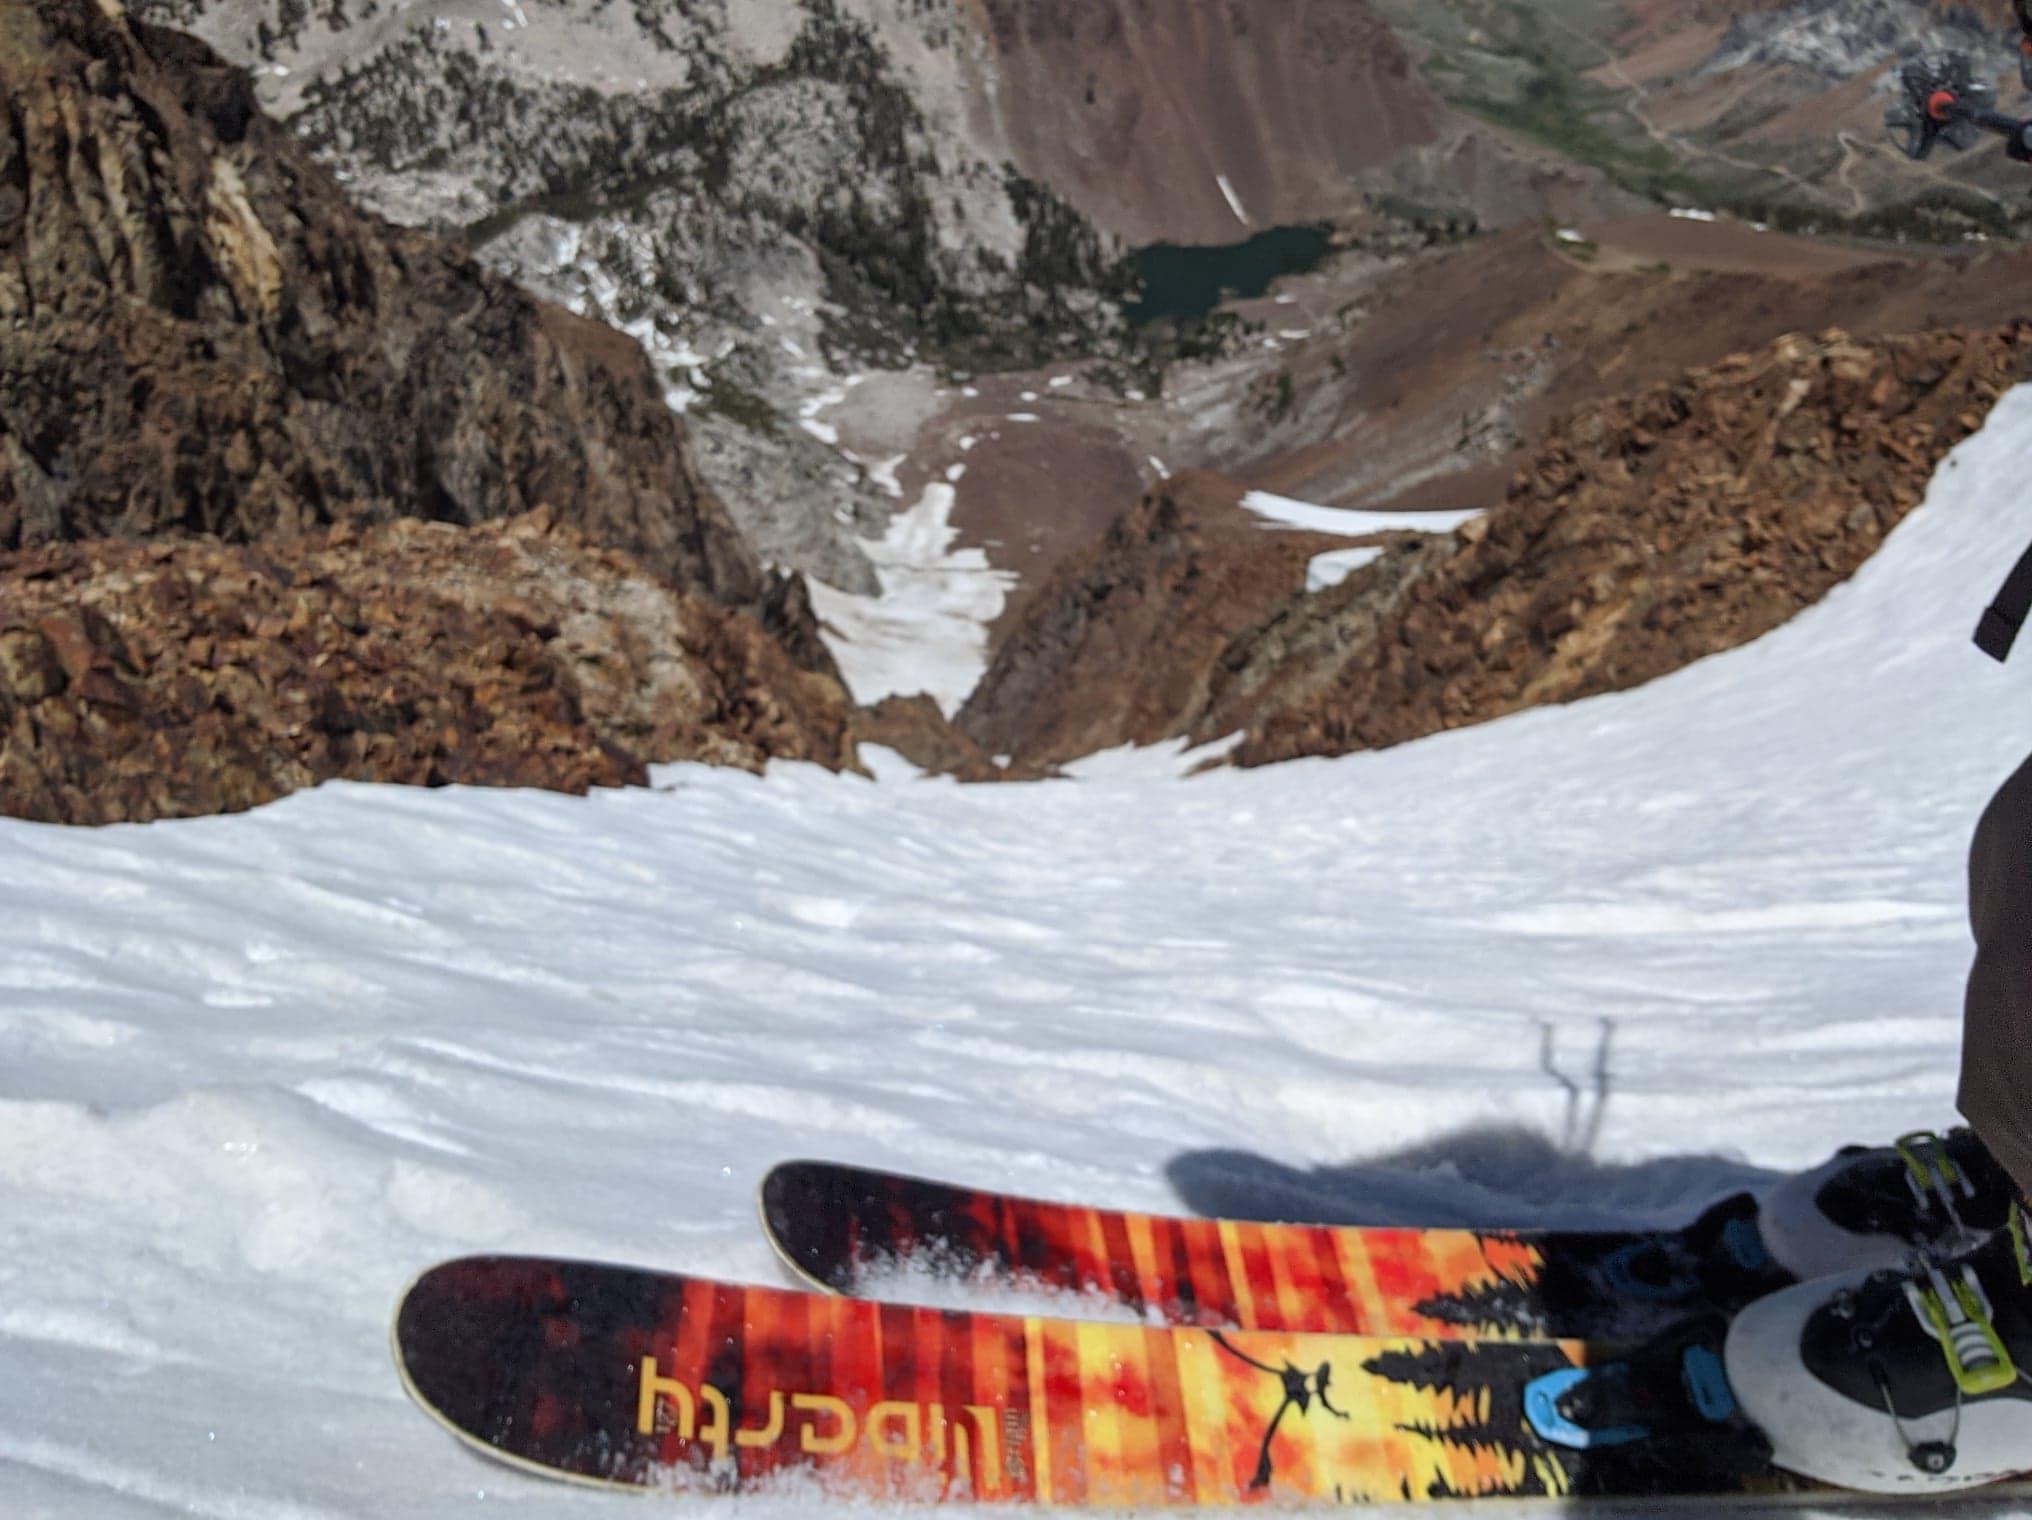 going down into a giant ski run